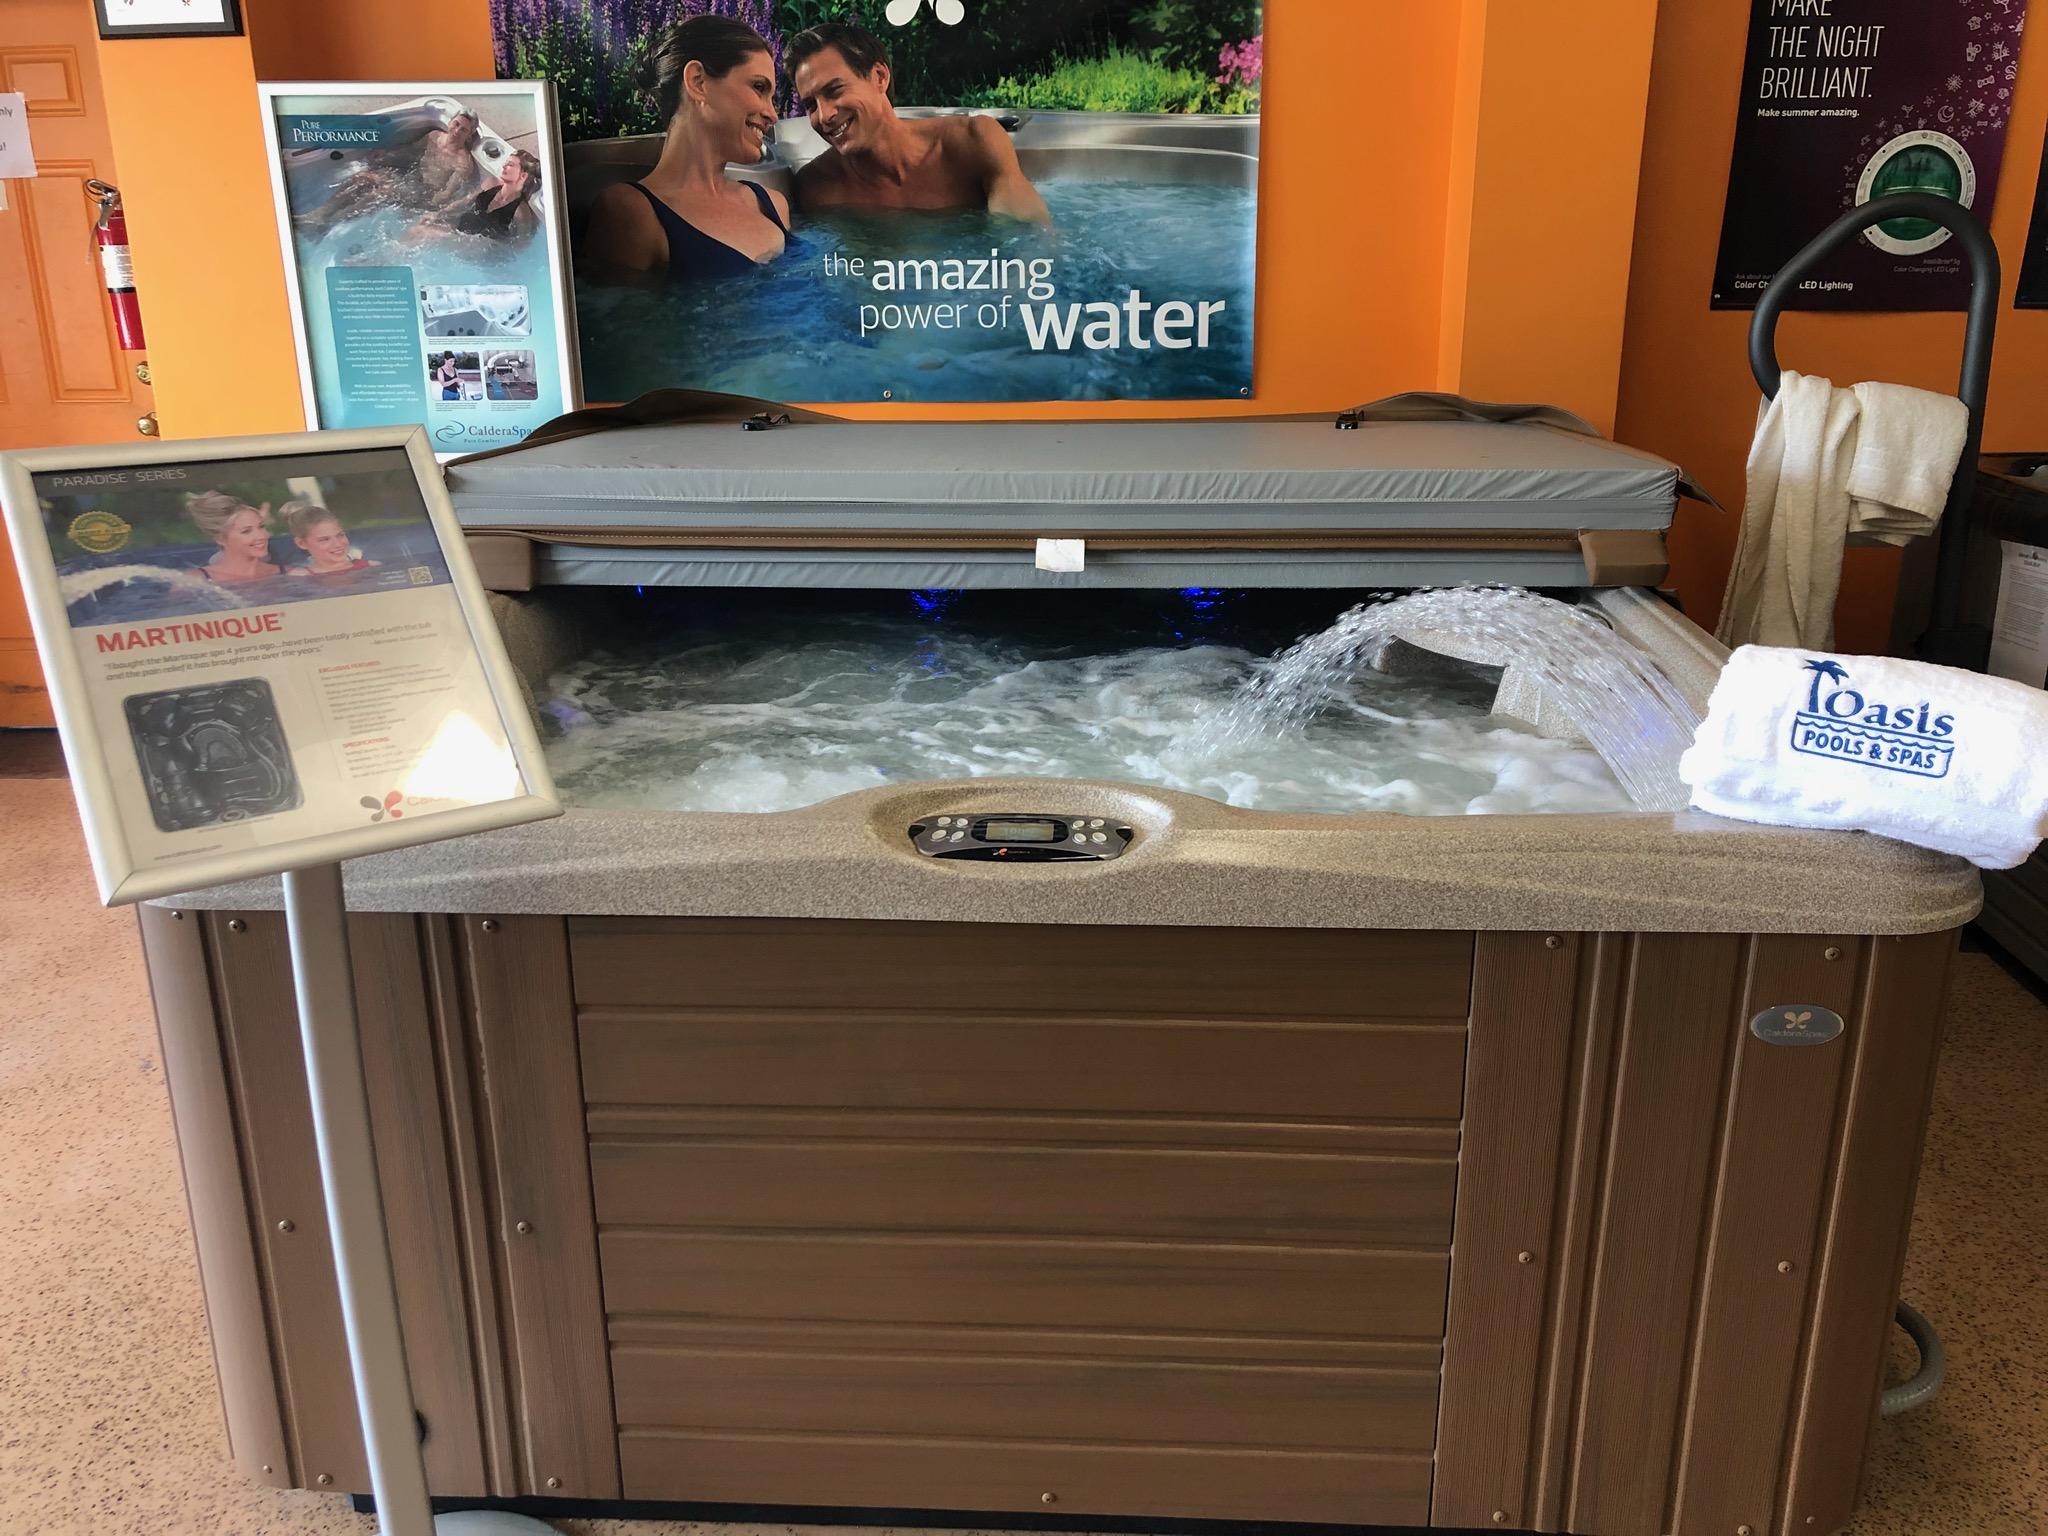 Oasis Pools & Spas Retail Store